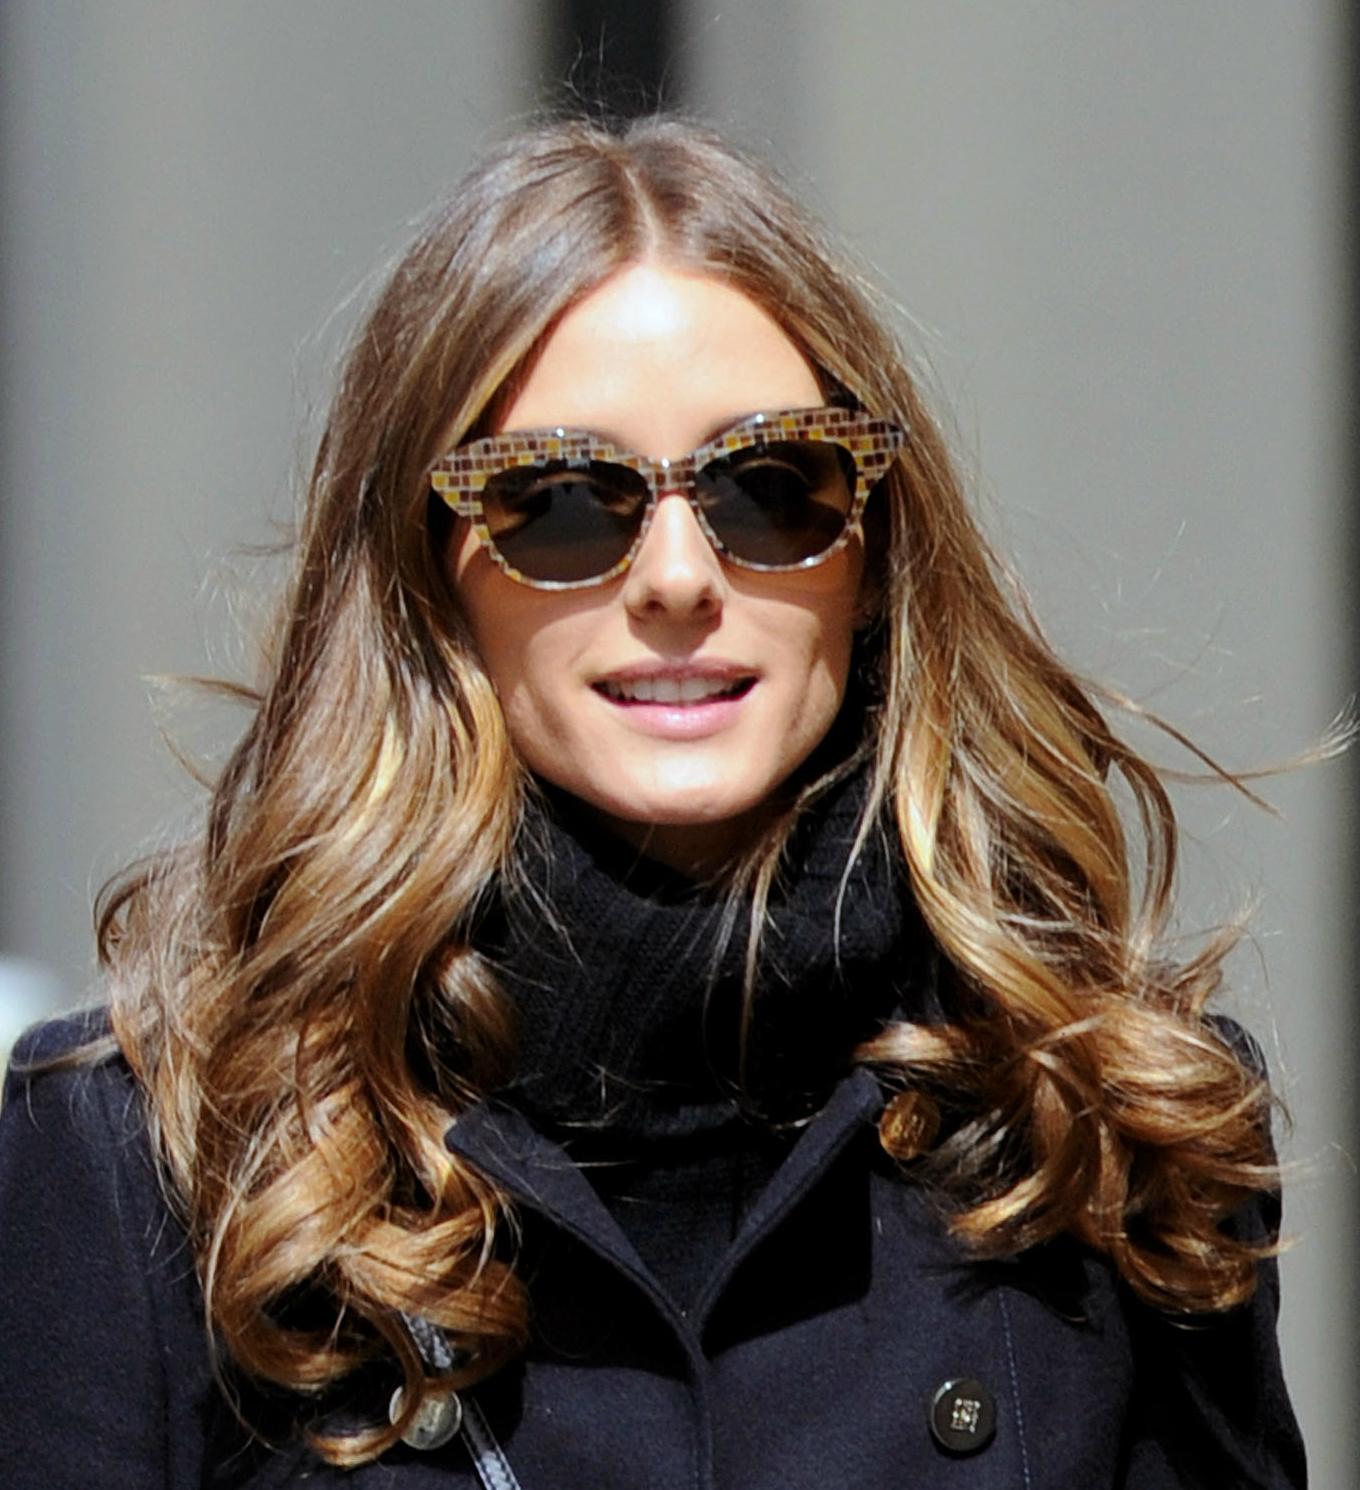 The Olivia Palermo Lookbook Maro 2013